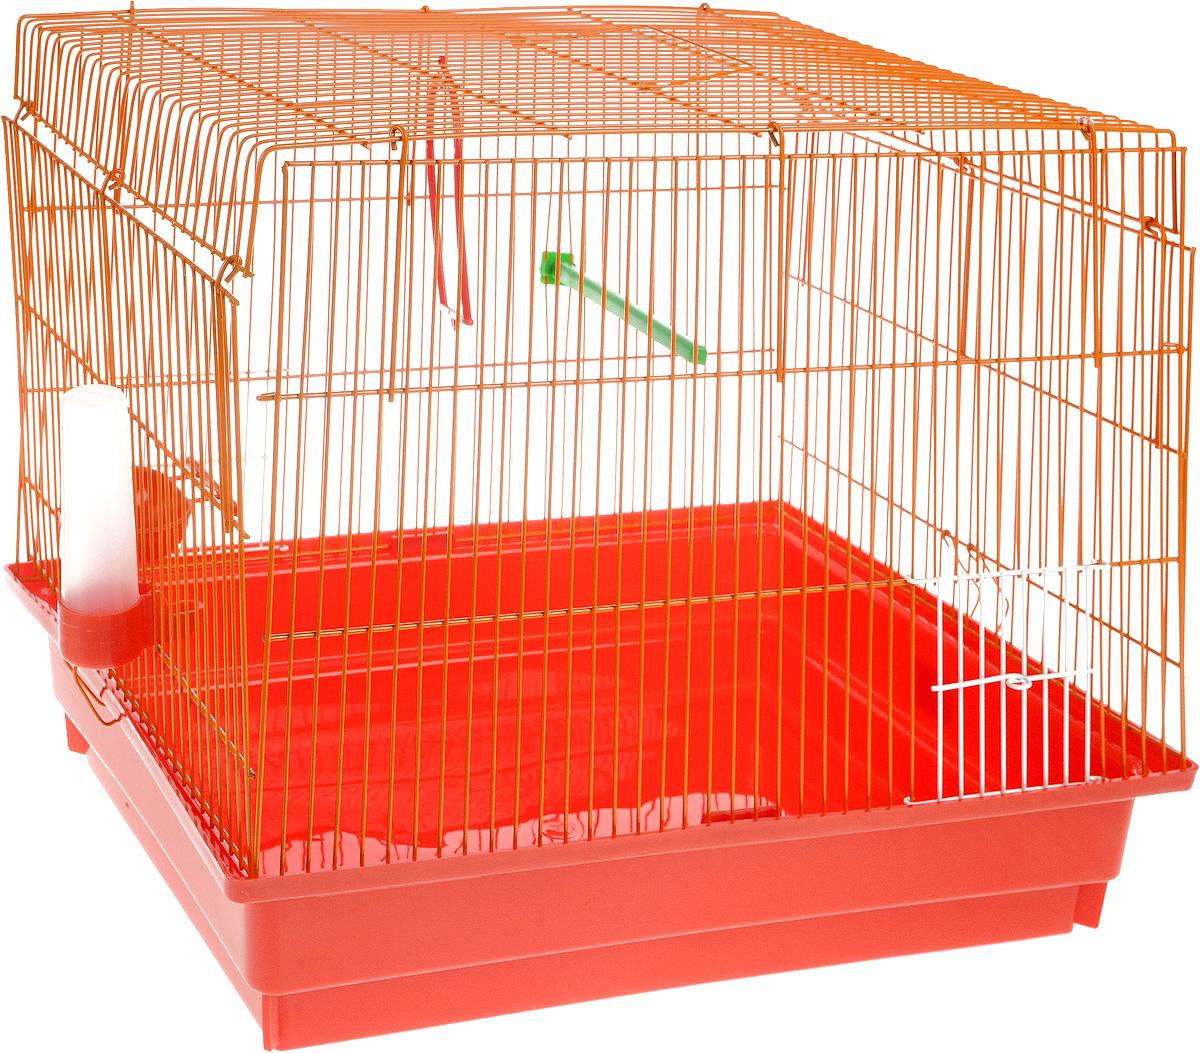 Клетка для птиц ЗооМарк, цвет: красный поддон, оранжевая решетка, 50 х 31 х 41 см470КОКлетка ЗооМарк, выполненная из полипропилена и металла с эмалированным покрытием, предназначена для птиц. Изделие состоит из большого поддона и решетки. Клетка снабжена металлической дверцей. Она удобна в использовании и легко чистится. Клетка оснащена жердочкой, кольцом для птицы, поилкой, кормушкой и подвижной ручкой для удобной переноски.